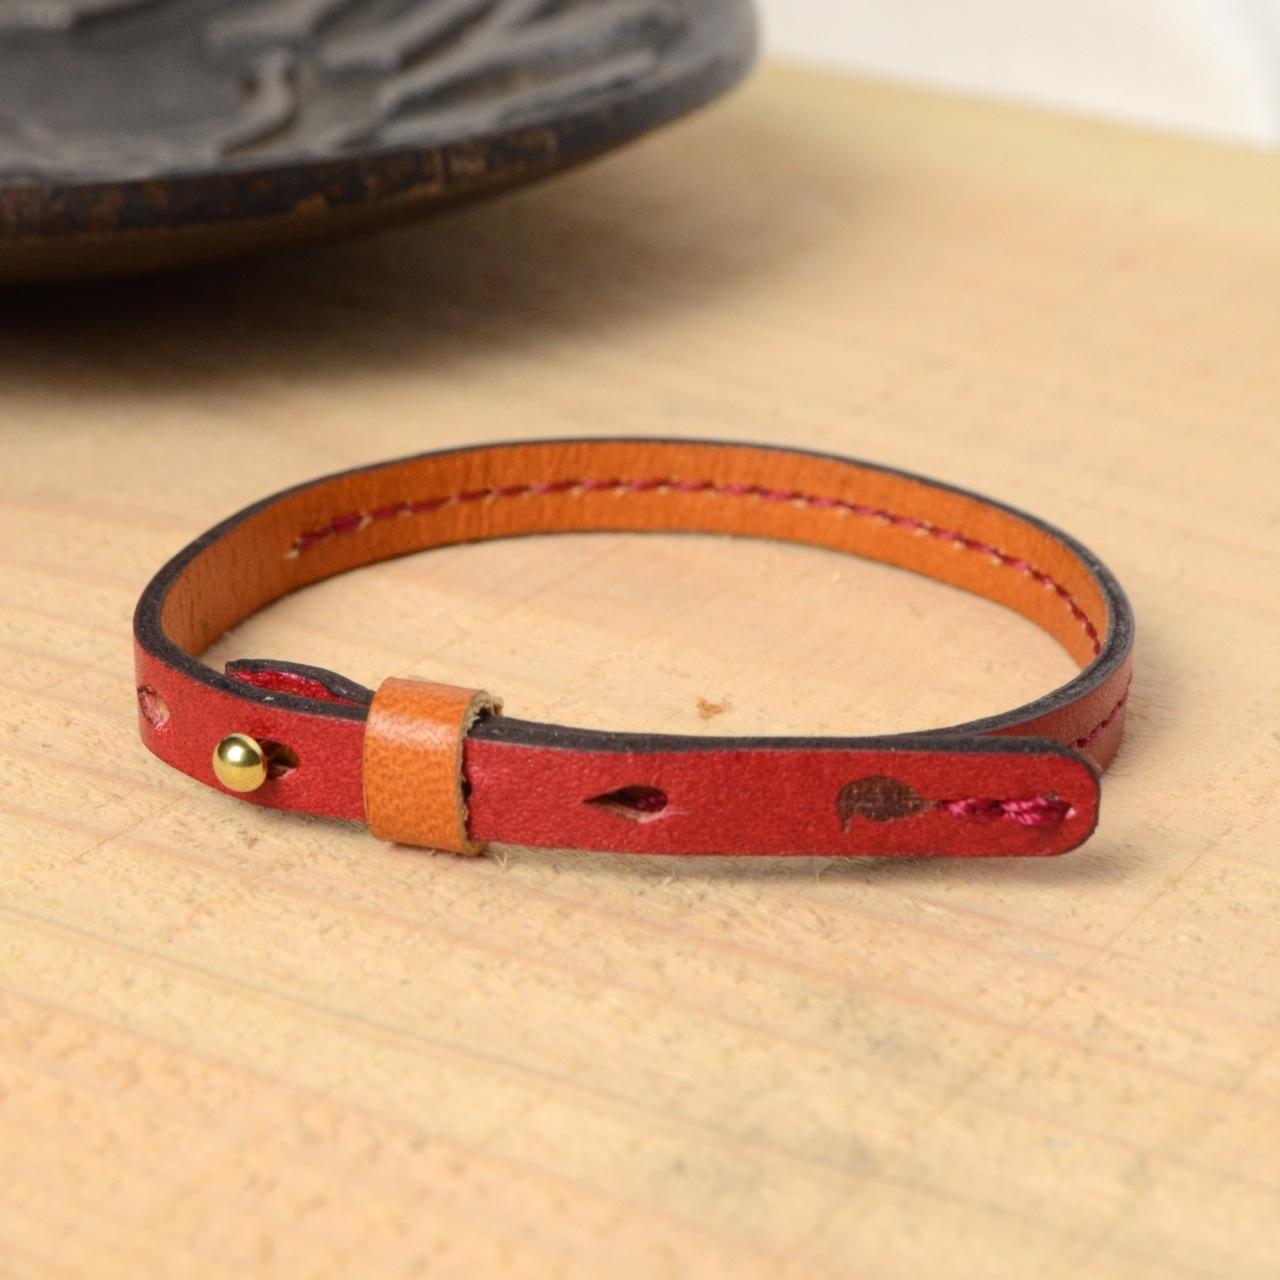 【BL101_RD】ミニ真鍮ギボシのエレガント牛革ブレスレット(レッド)〜重ね付けやフォーマルなシーンに〜